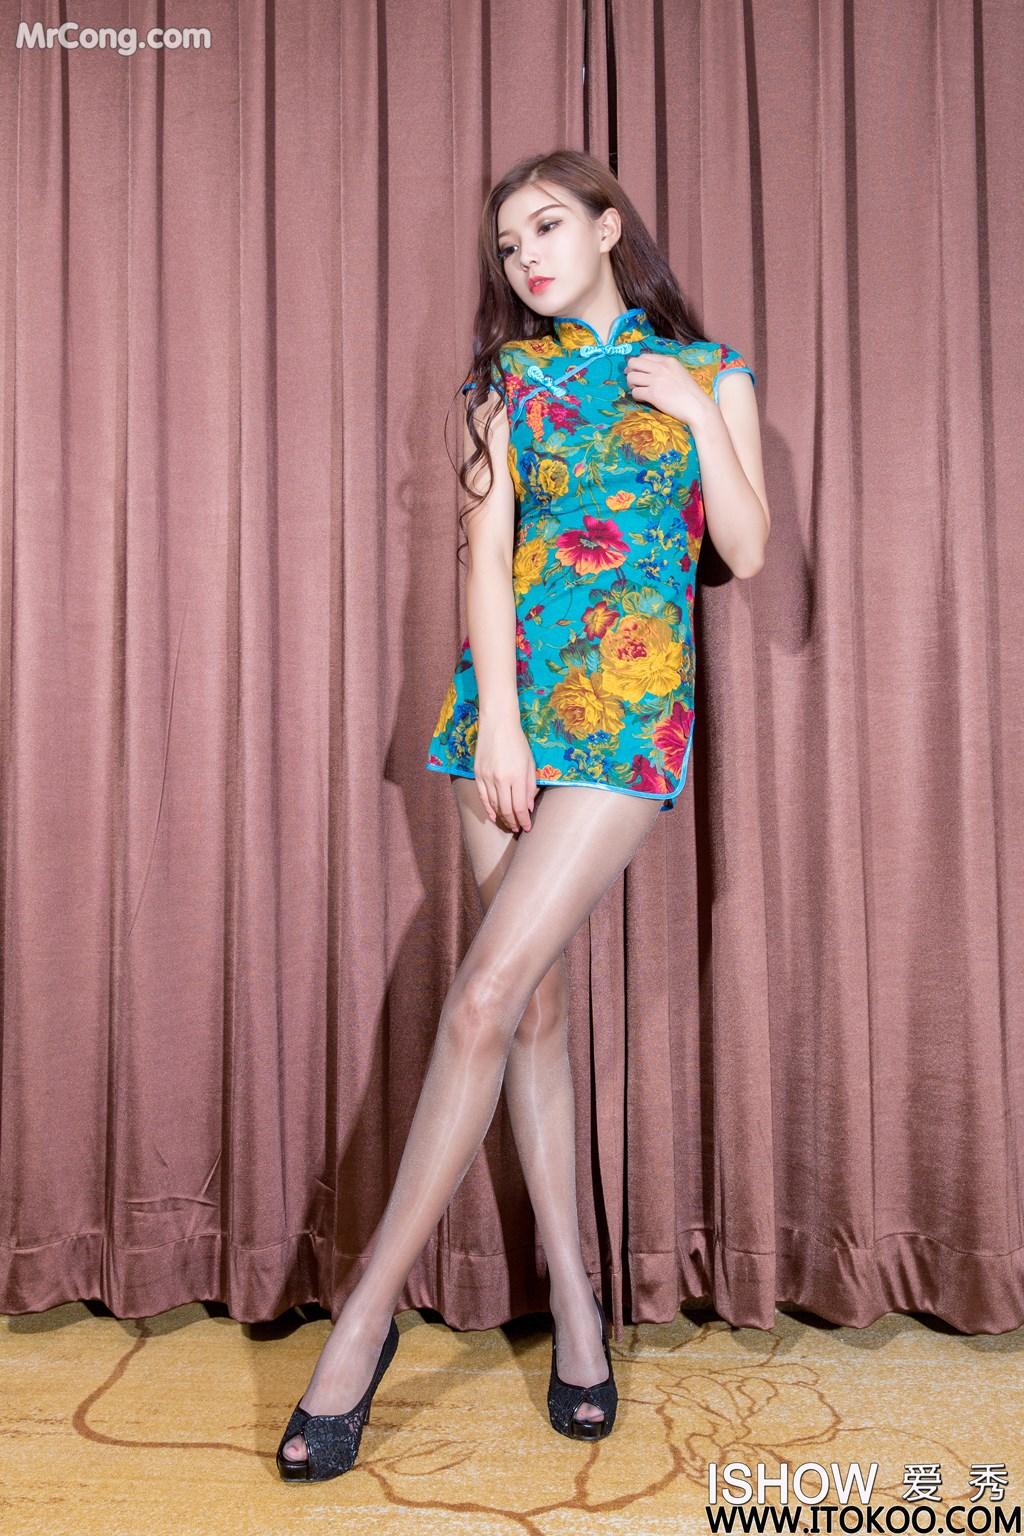 Image ISHOW-No.157-Yu-Fei-Fei-Faye-MrCong.com-005 in post ISHOW No.157: Người mẫu Yu Fei Fei (余菲菲Faye) (31 ảnh)